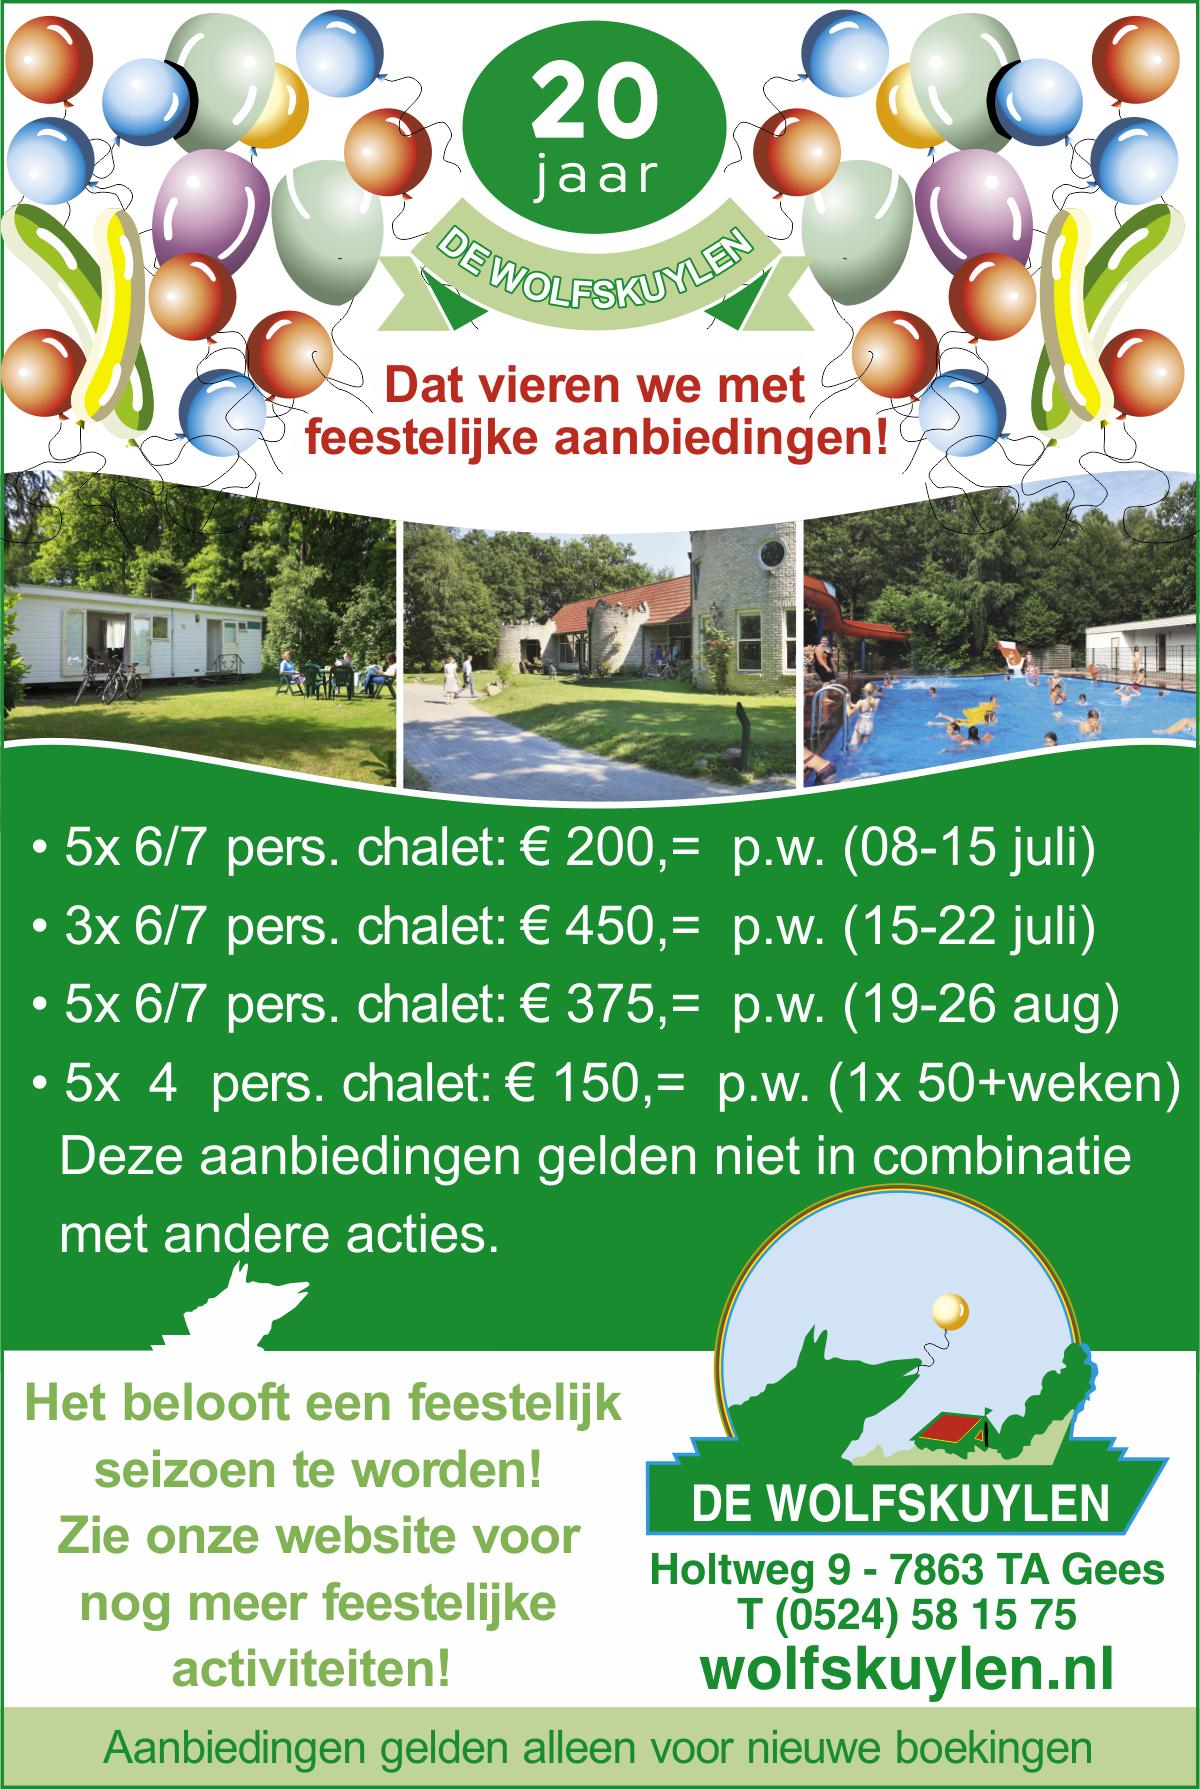 Camping Drenthe - De Wolfskuylen